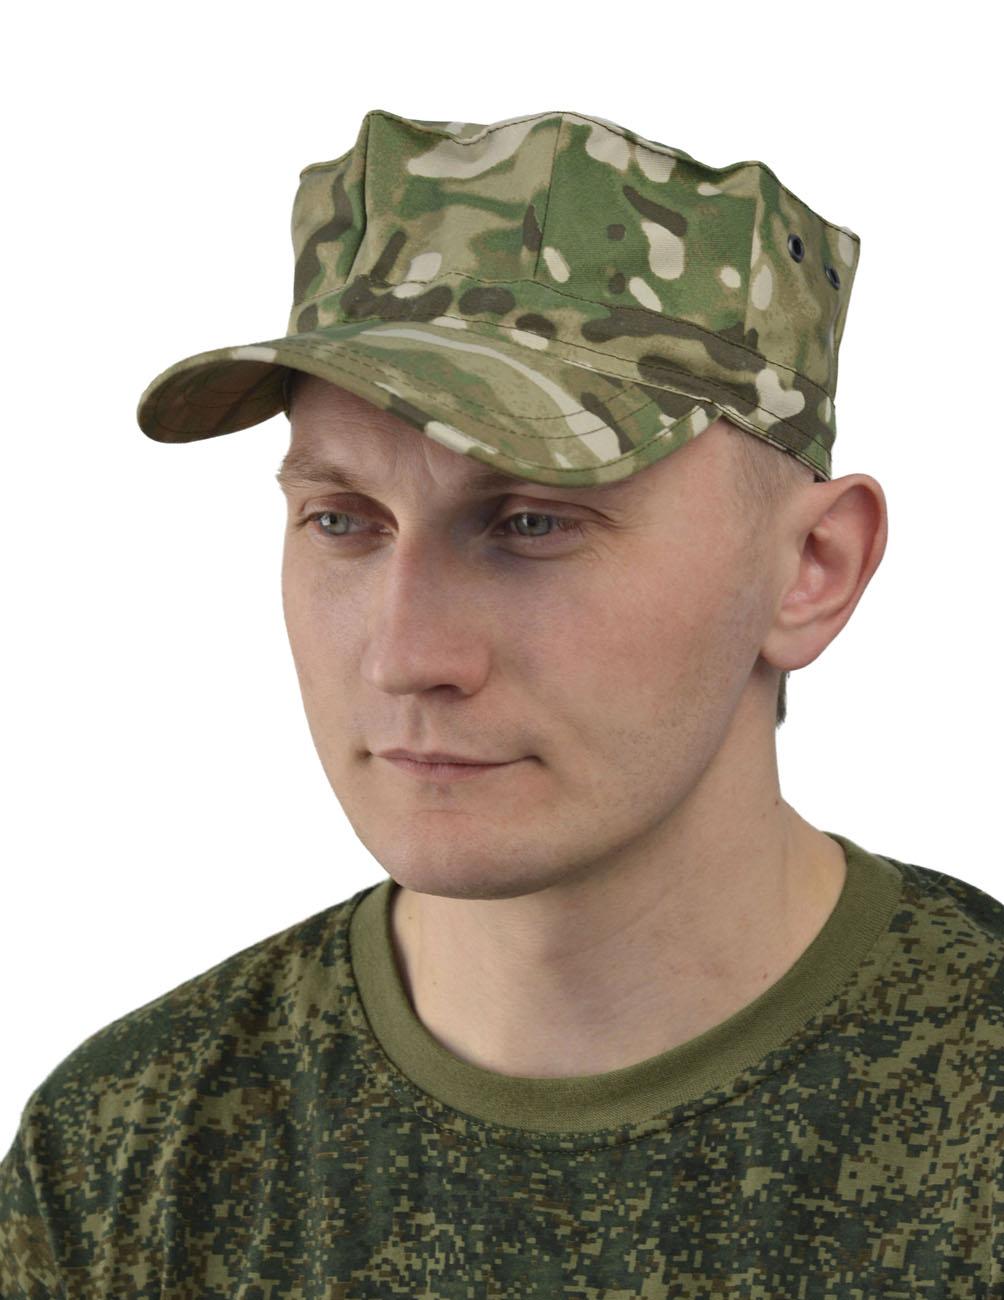 Кепка Gerkon Commando мультикам (Неизвестная Кепки<br><br><br>Пол: мужской<br>Сезон: лето<br>Цвет: зеленый<br>Материал: Смесовая (50% хлопок, 50% полиэфир), пл. 210 г/м2,